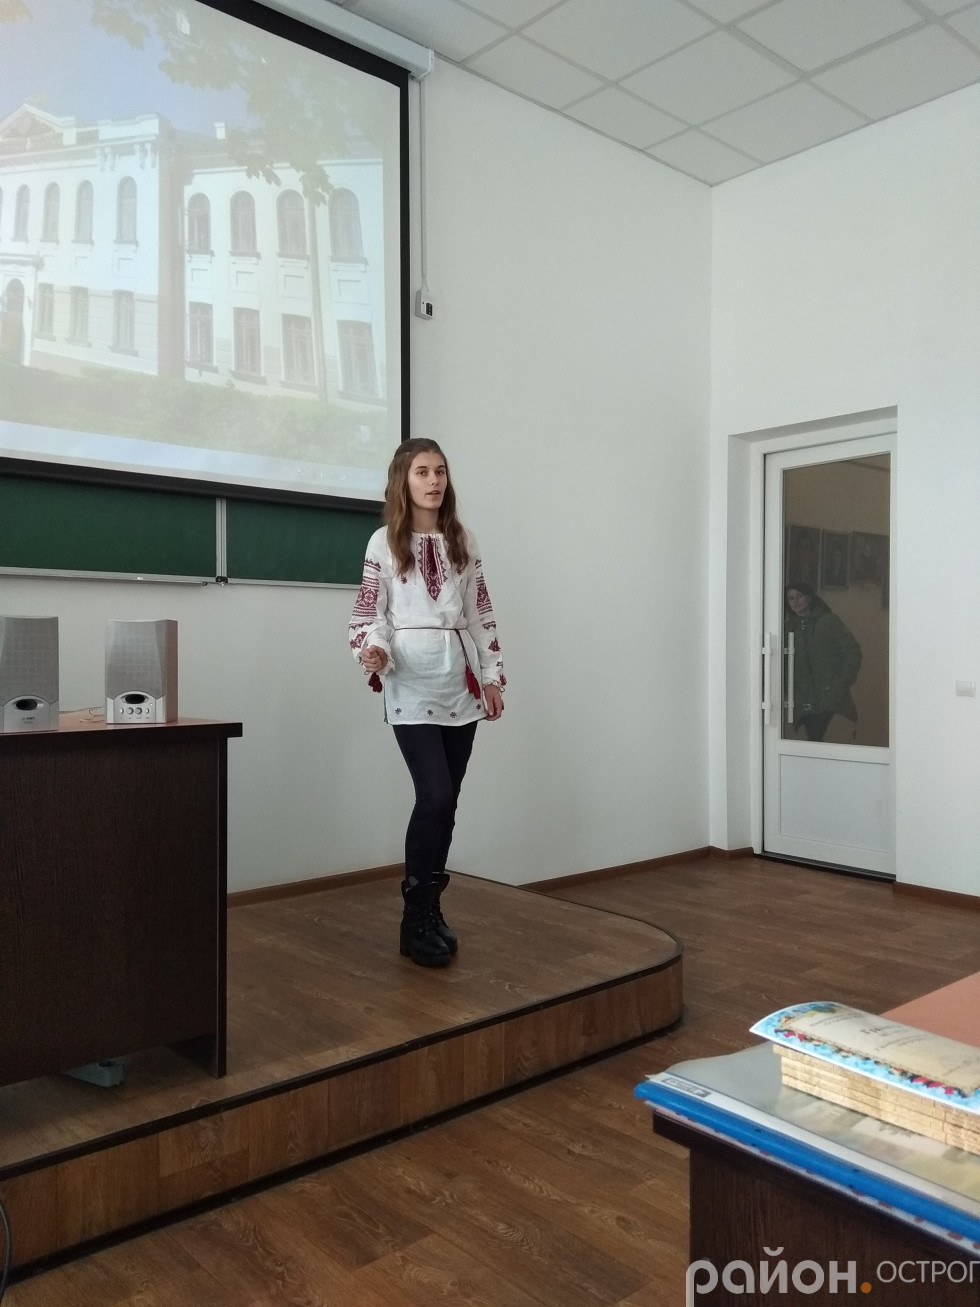 Корнійчук Анастасія, учениця Хорівської ЗОШ під час виступу